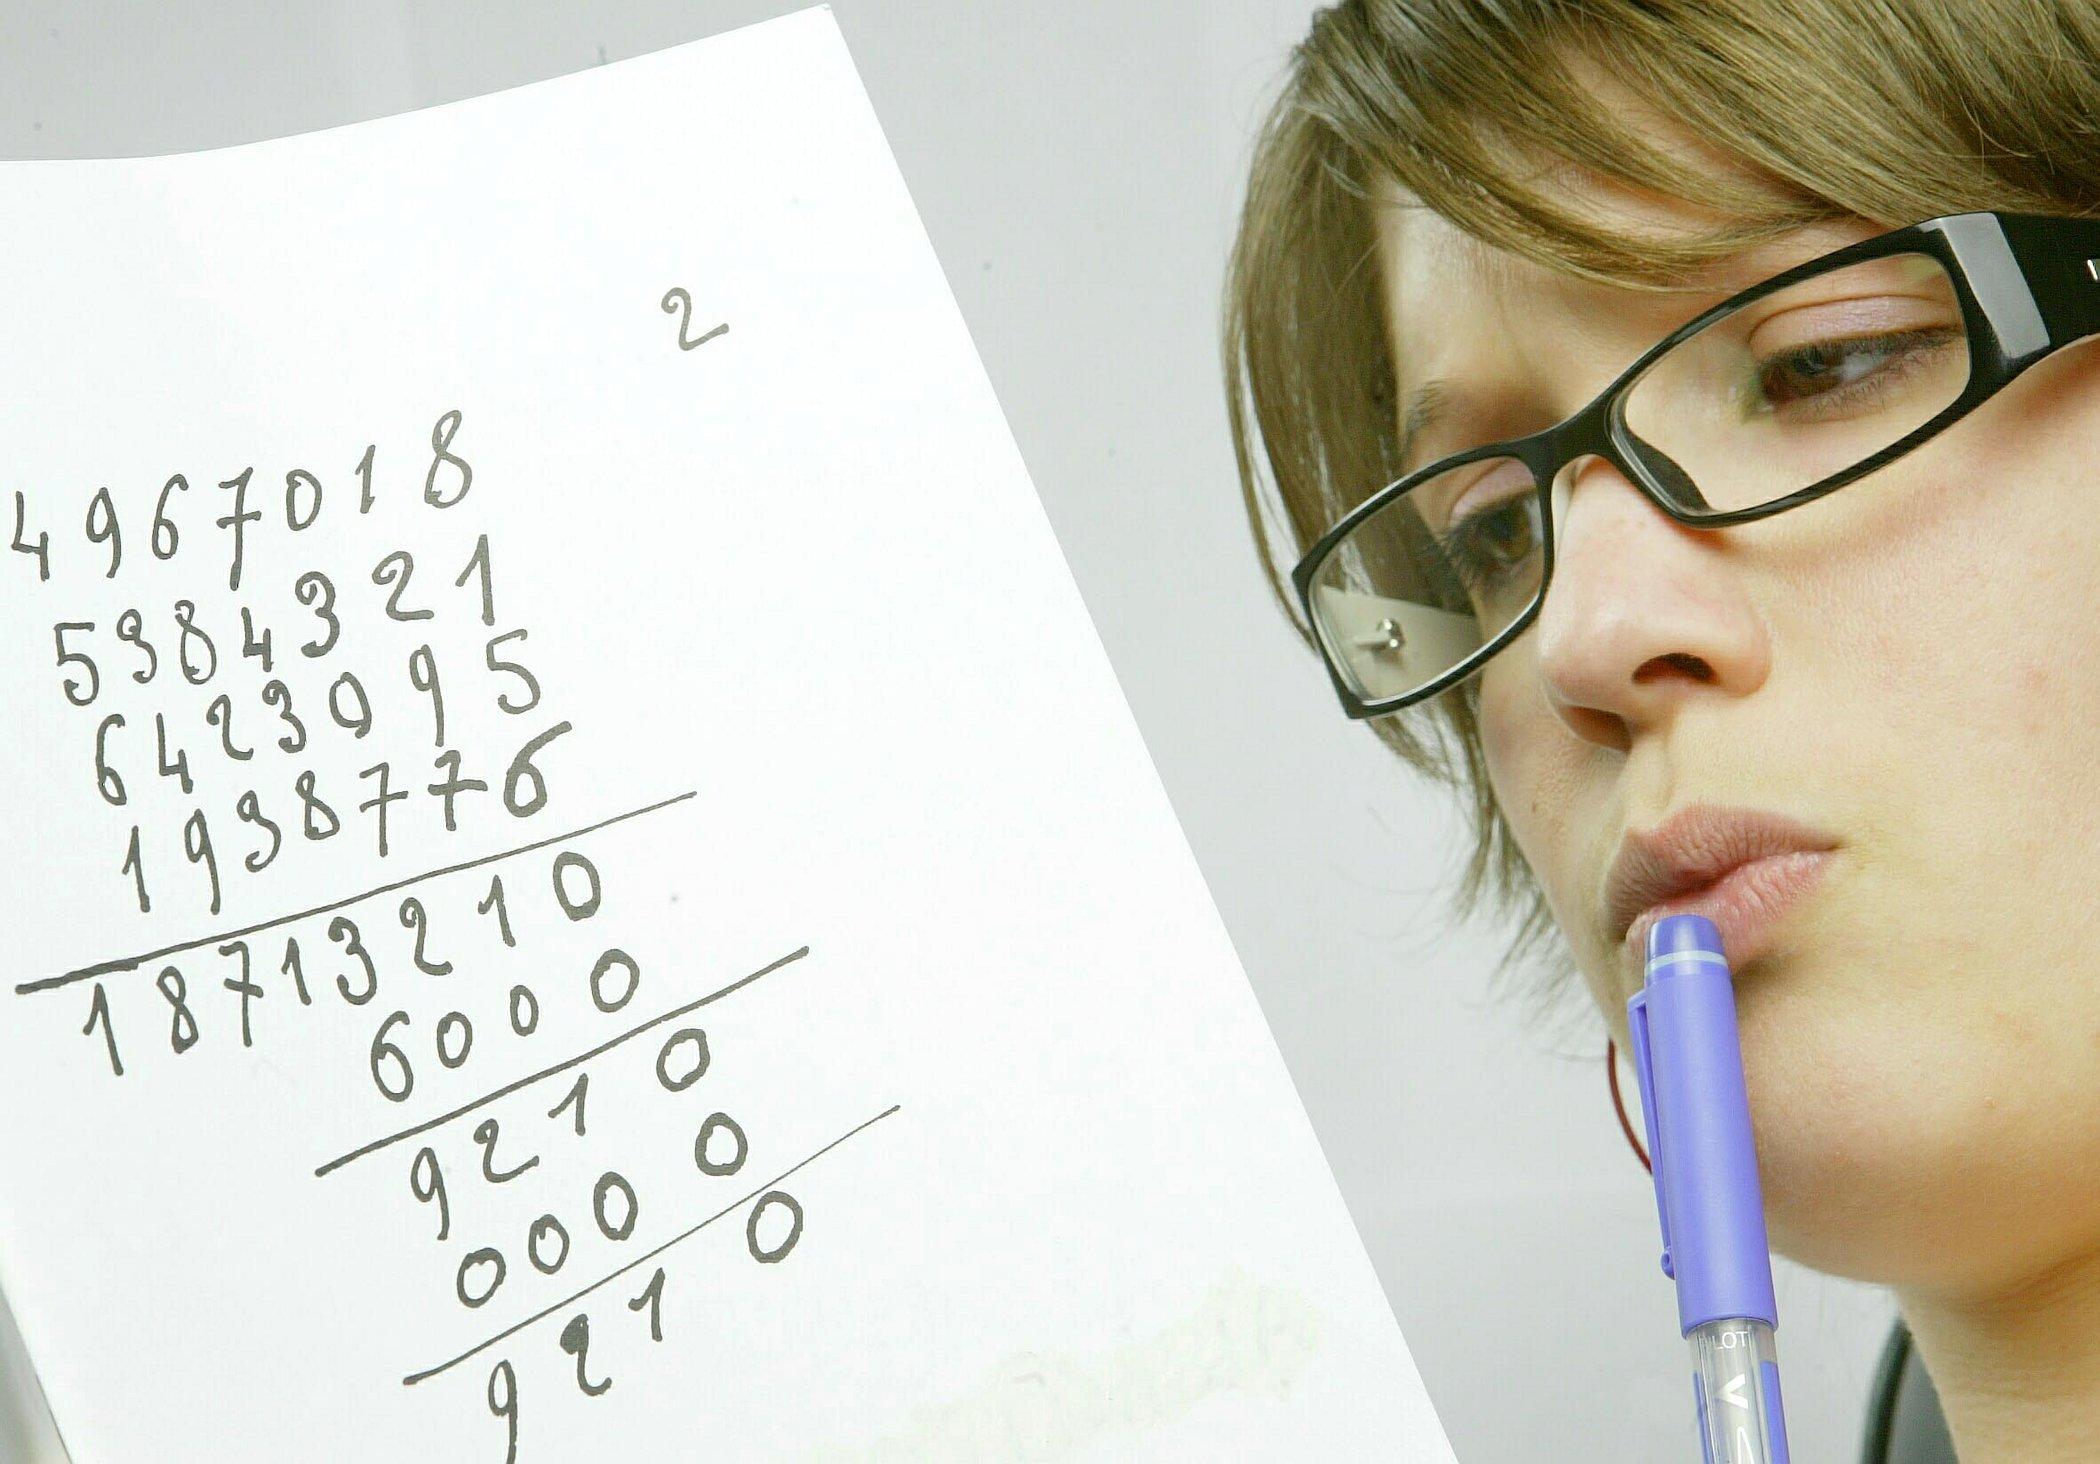 Fejl i beregninger i sygedagpengerefusion - Mester Tidende